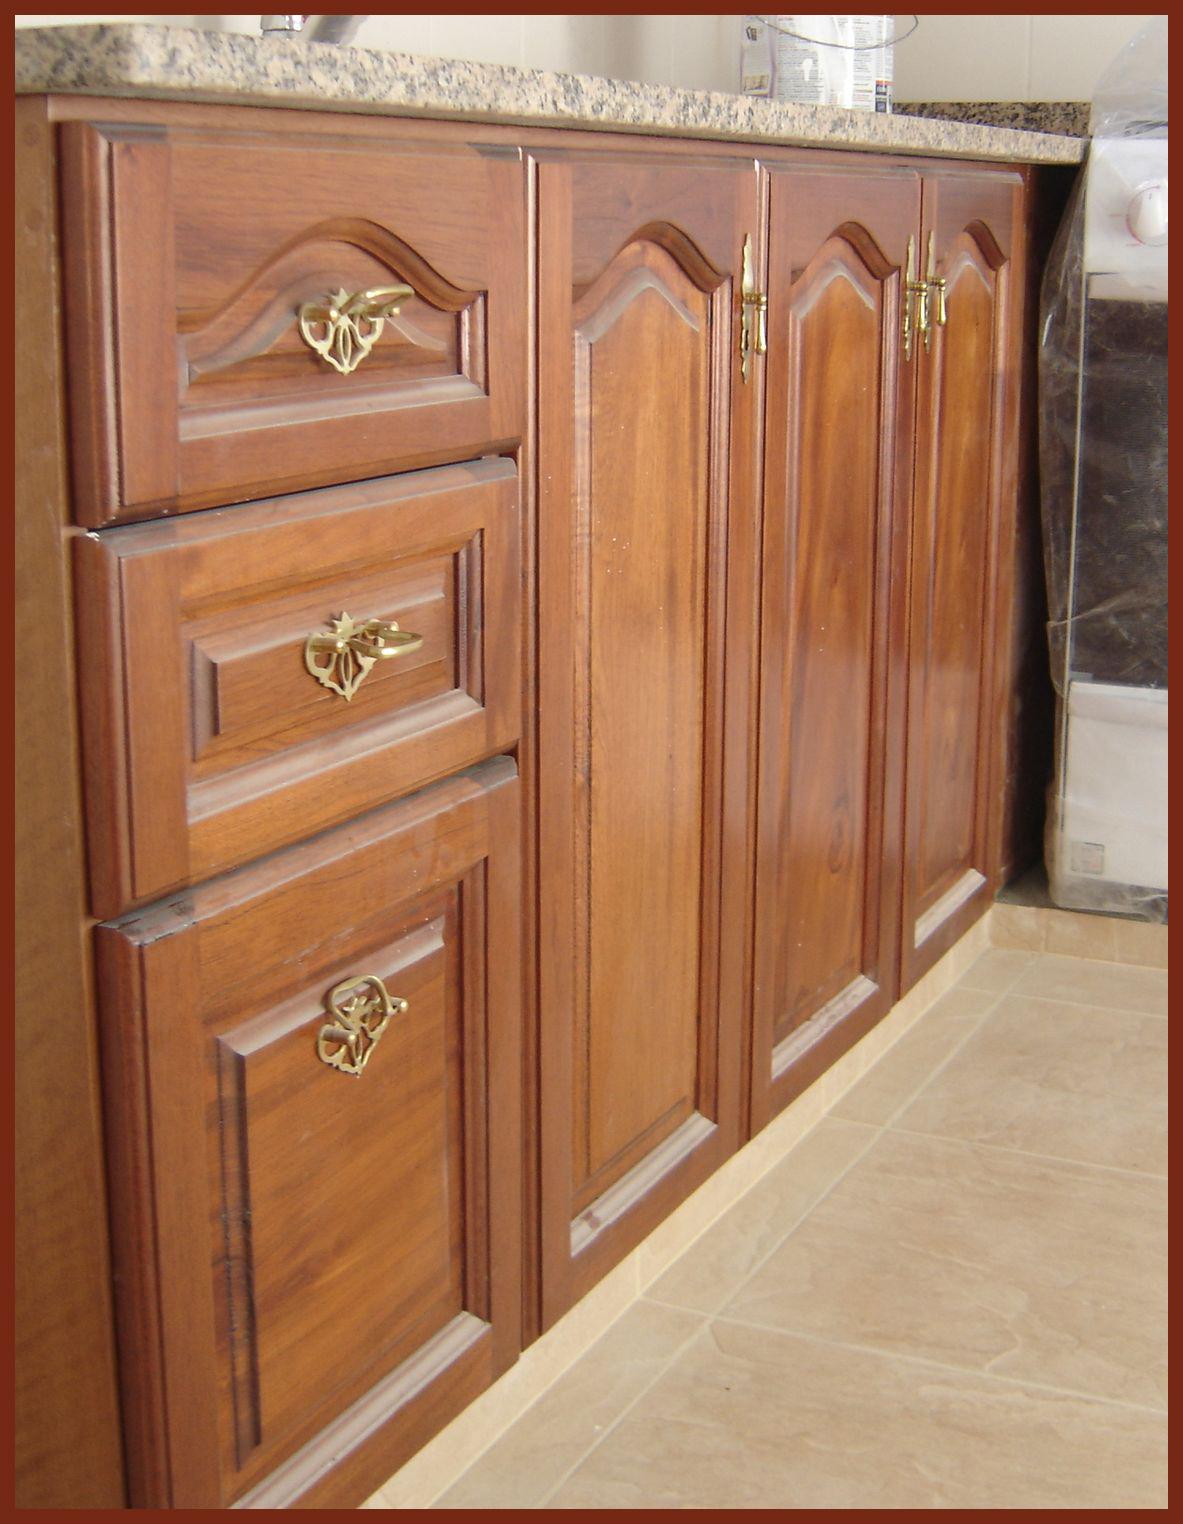 Mueble de cocina cedro la carpinteria de daniel for Frentes de muebles de cocina